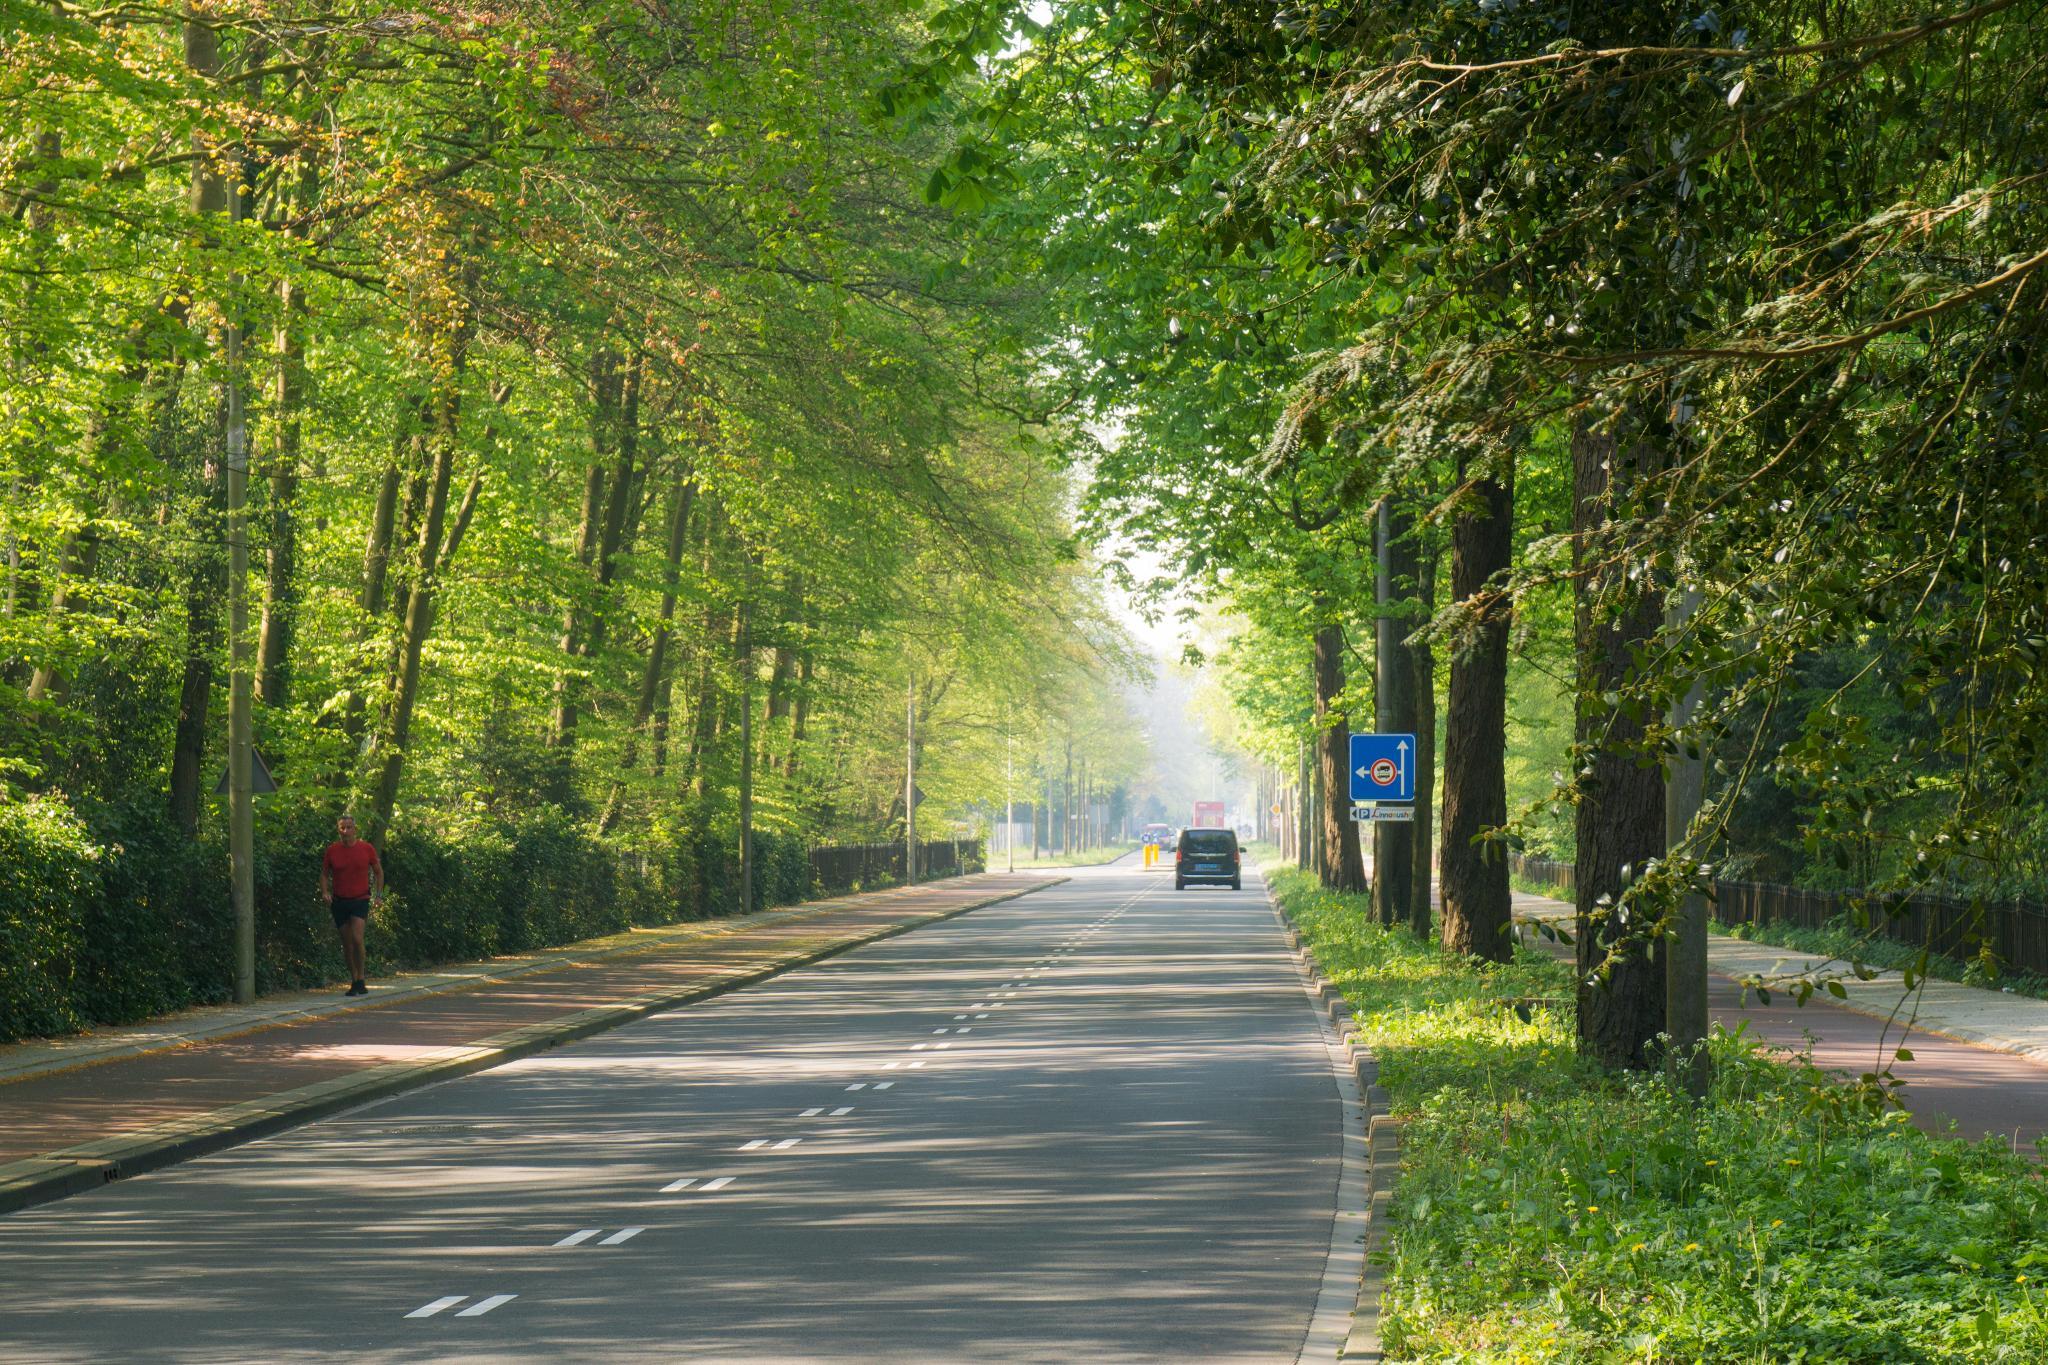 【荷蘭印象】花田嬉事:荷蘭單車花之路 1